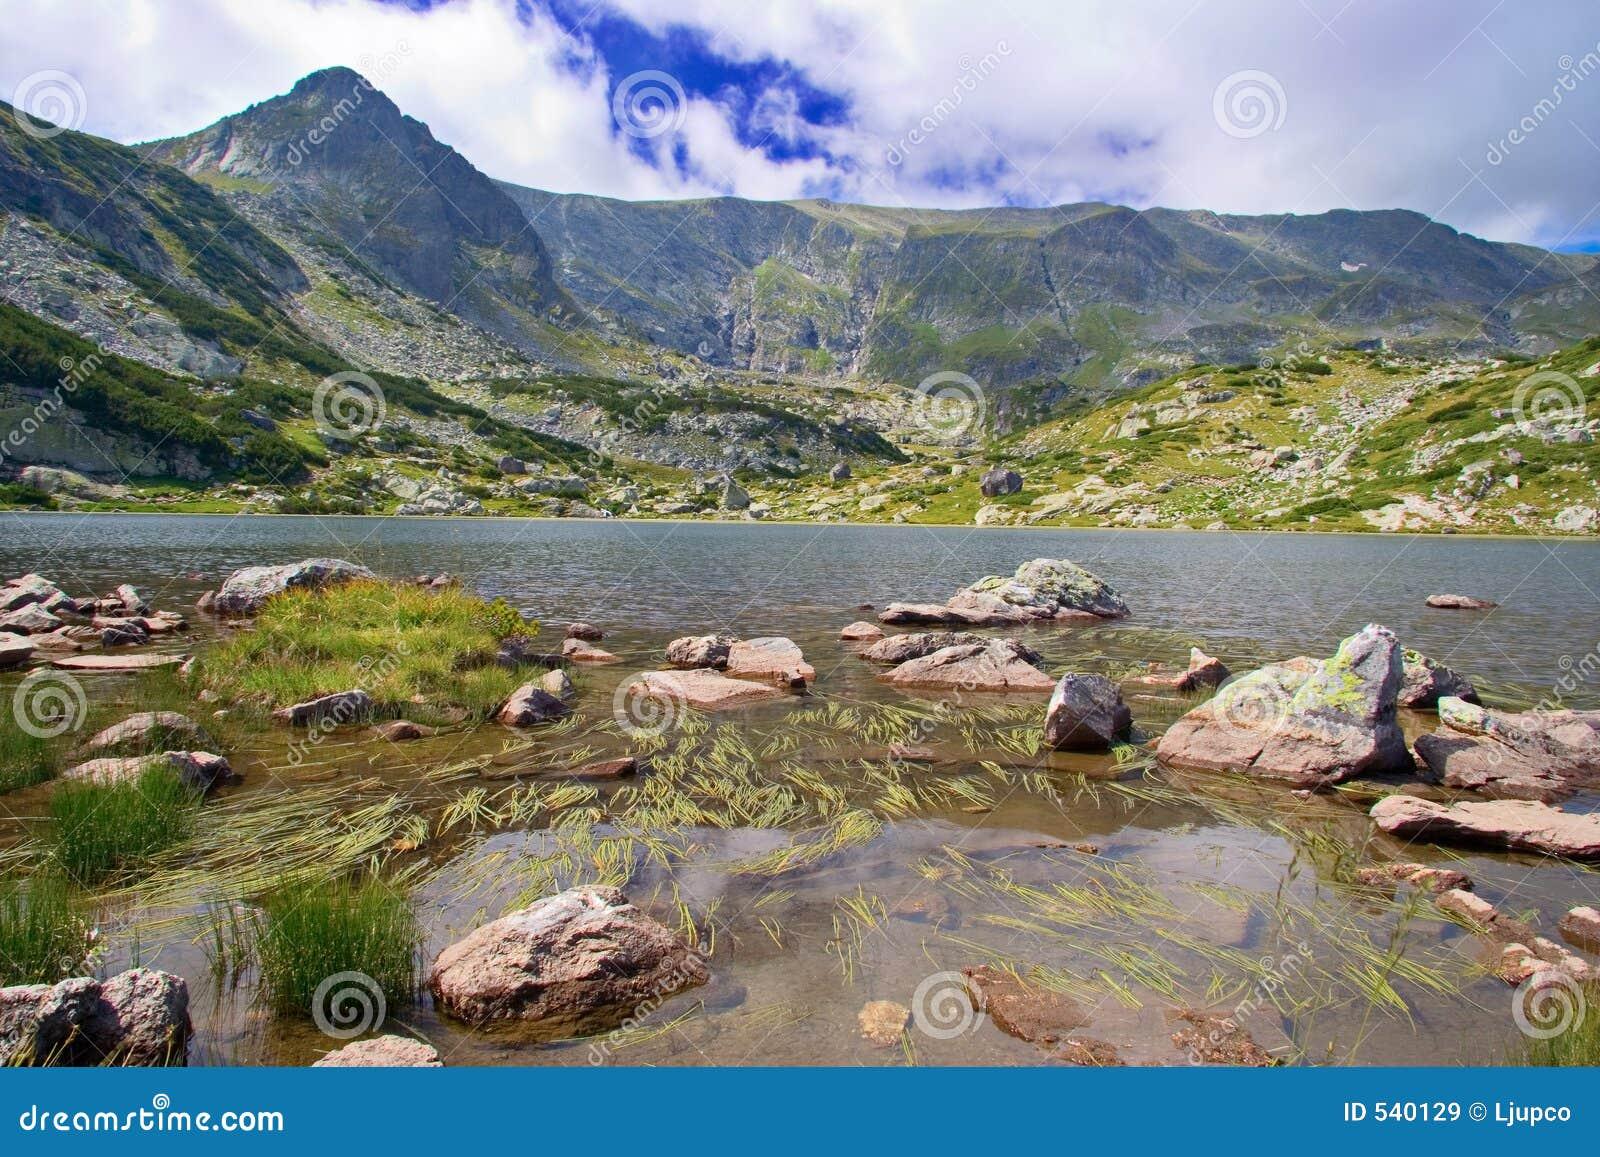 Vista de um lago glacial no parque nacional Rila, Bulgária